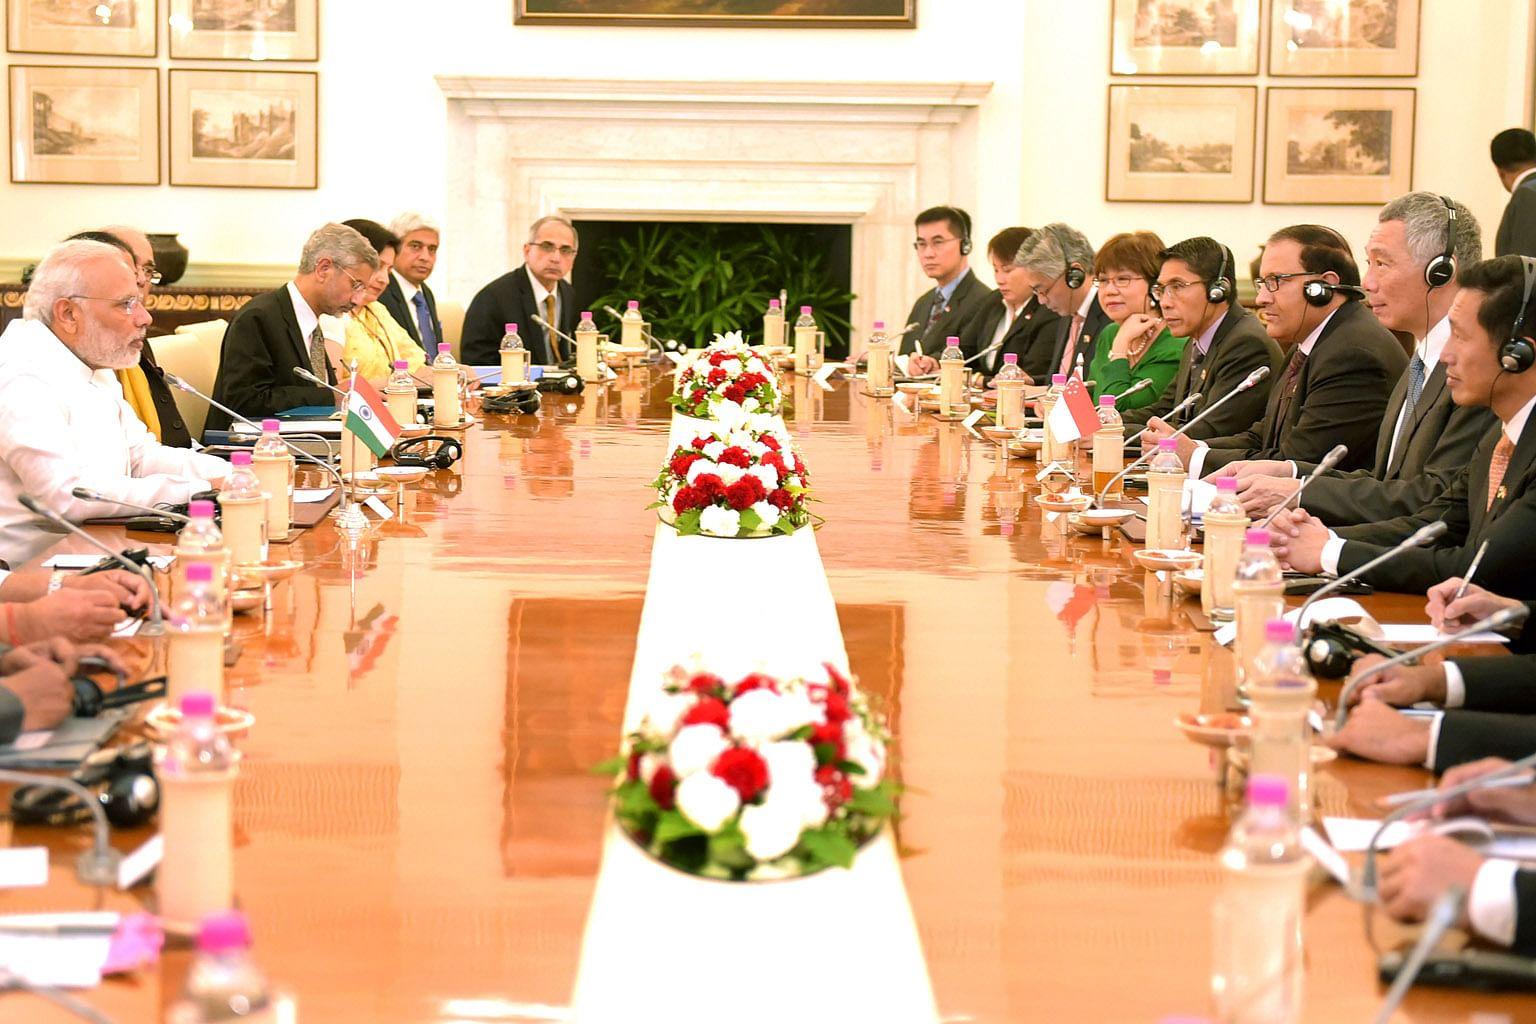 LAWATAN PM LEE KE INDIA S'pura, India meterai MOU tubuh pusat kemahiran